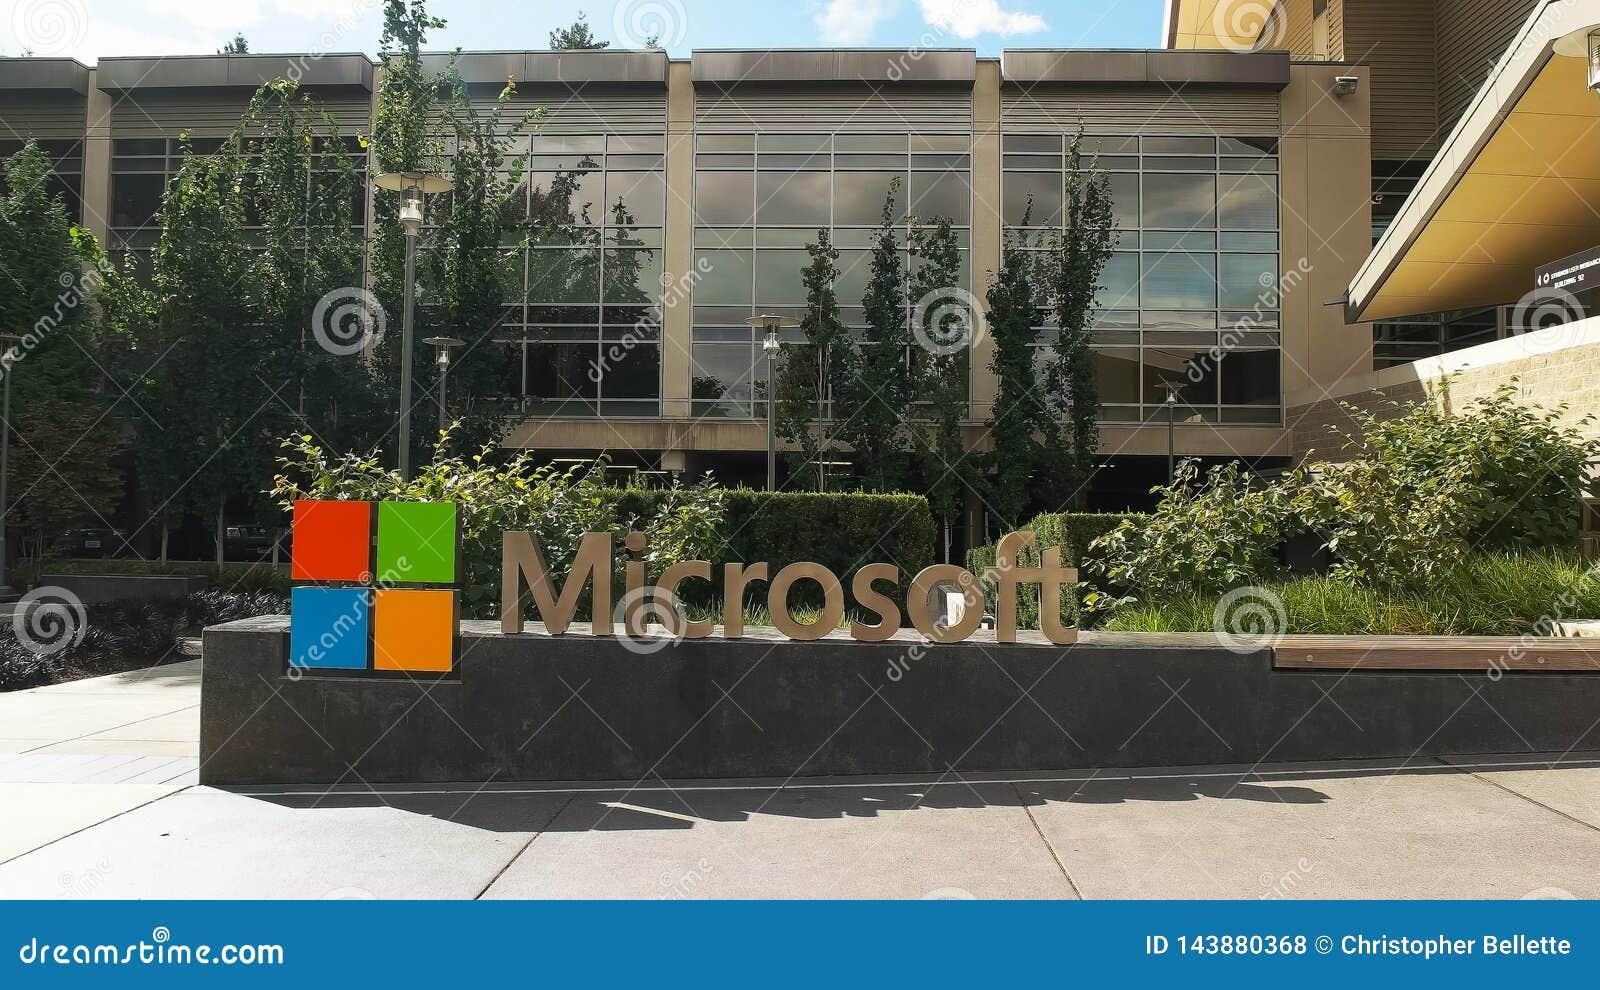 雷德蒙德,华盛顿,美国2015年9月3日:外视图微软雷德蒙德总部修造